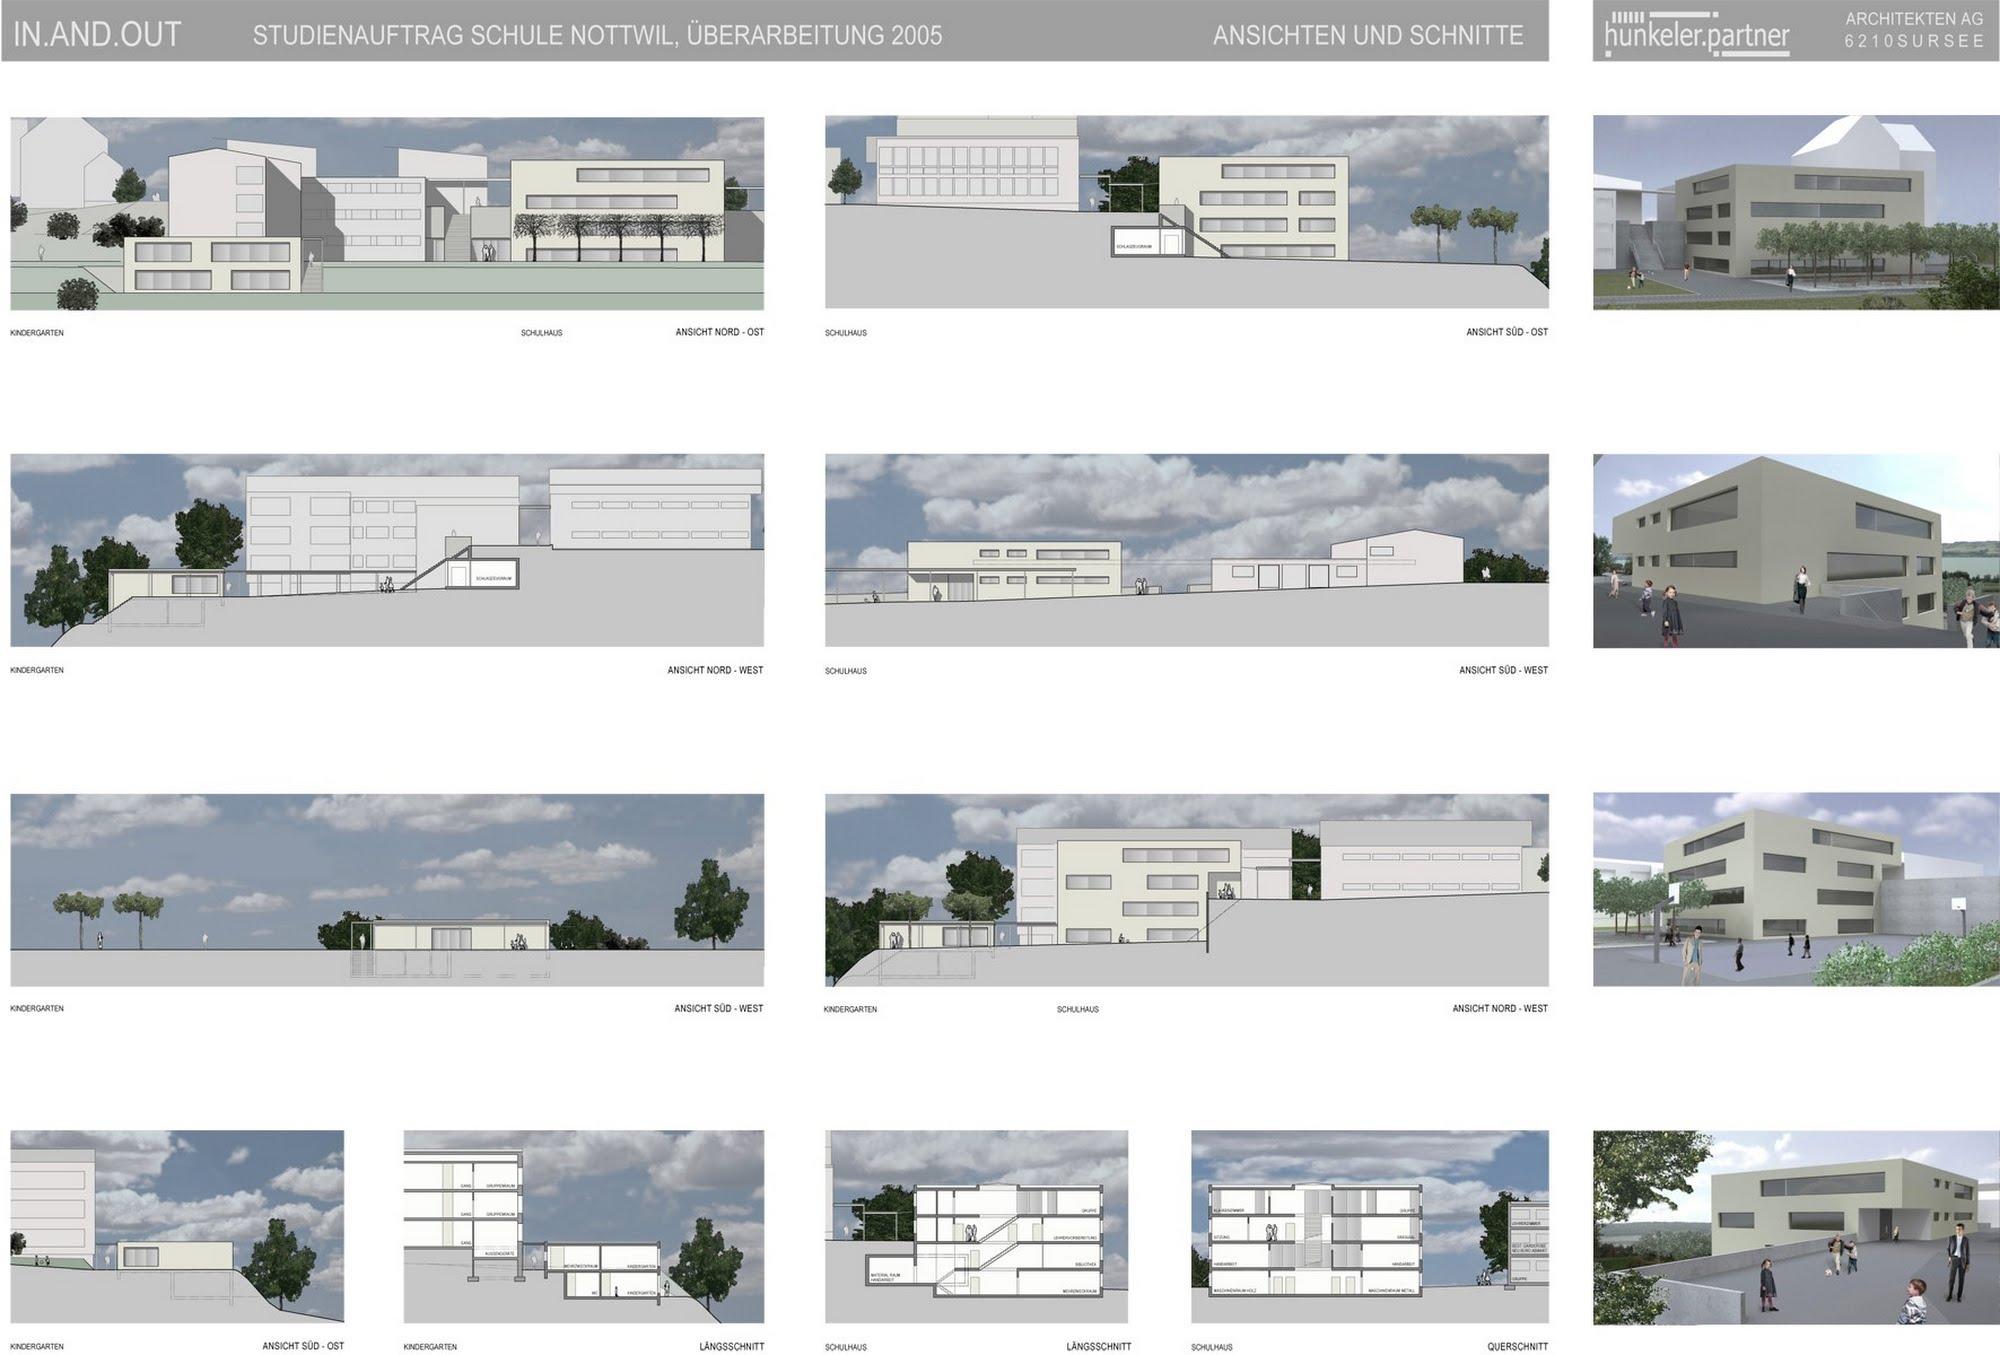 Öffentlich 1.Preis Wettbewerb Schulhaus Nottwil Architektur,Wohnungsbau,Wohnhäuser,Einfamilienhäuser,Mehrfamilienhäuser